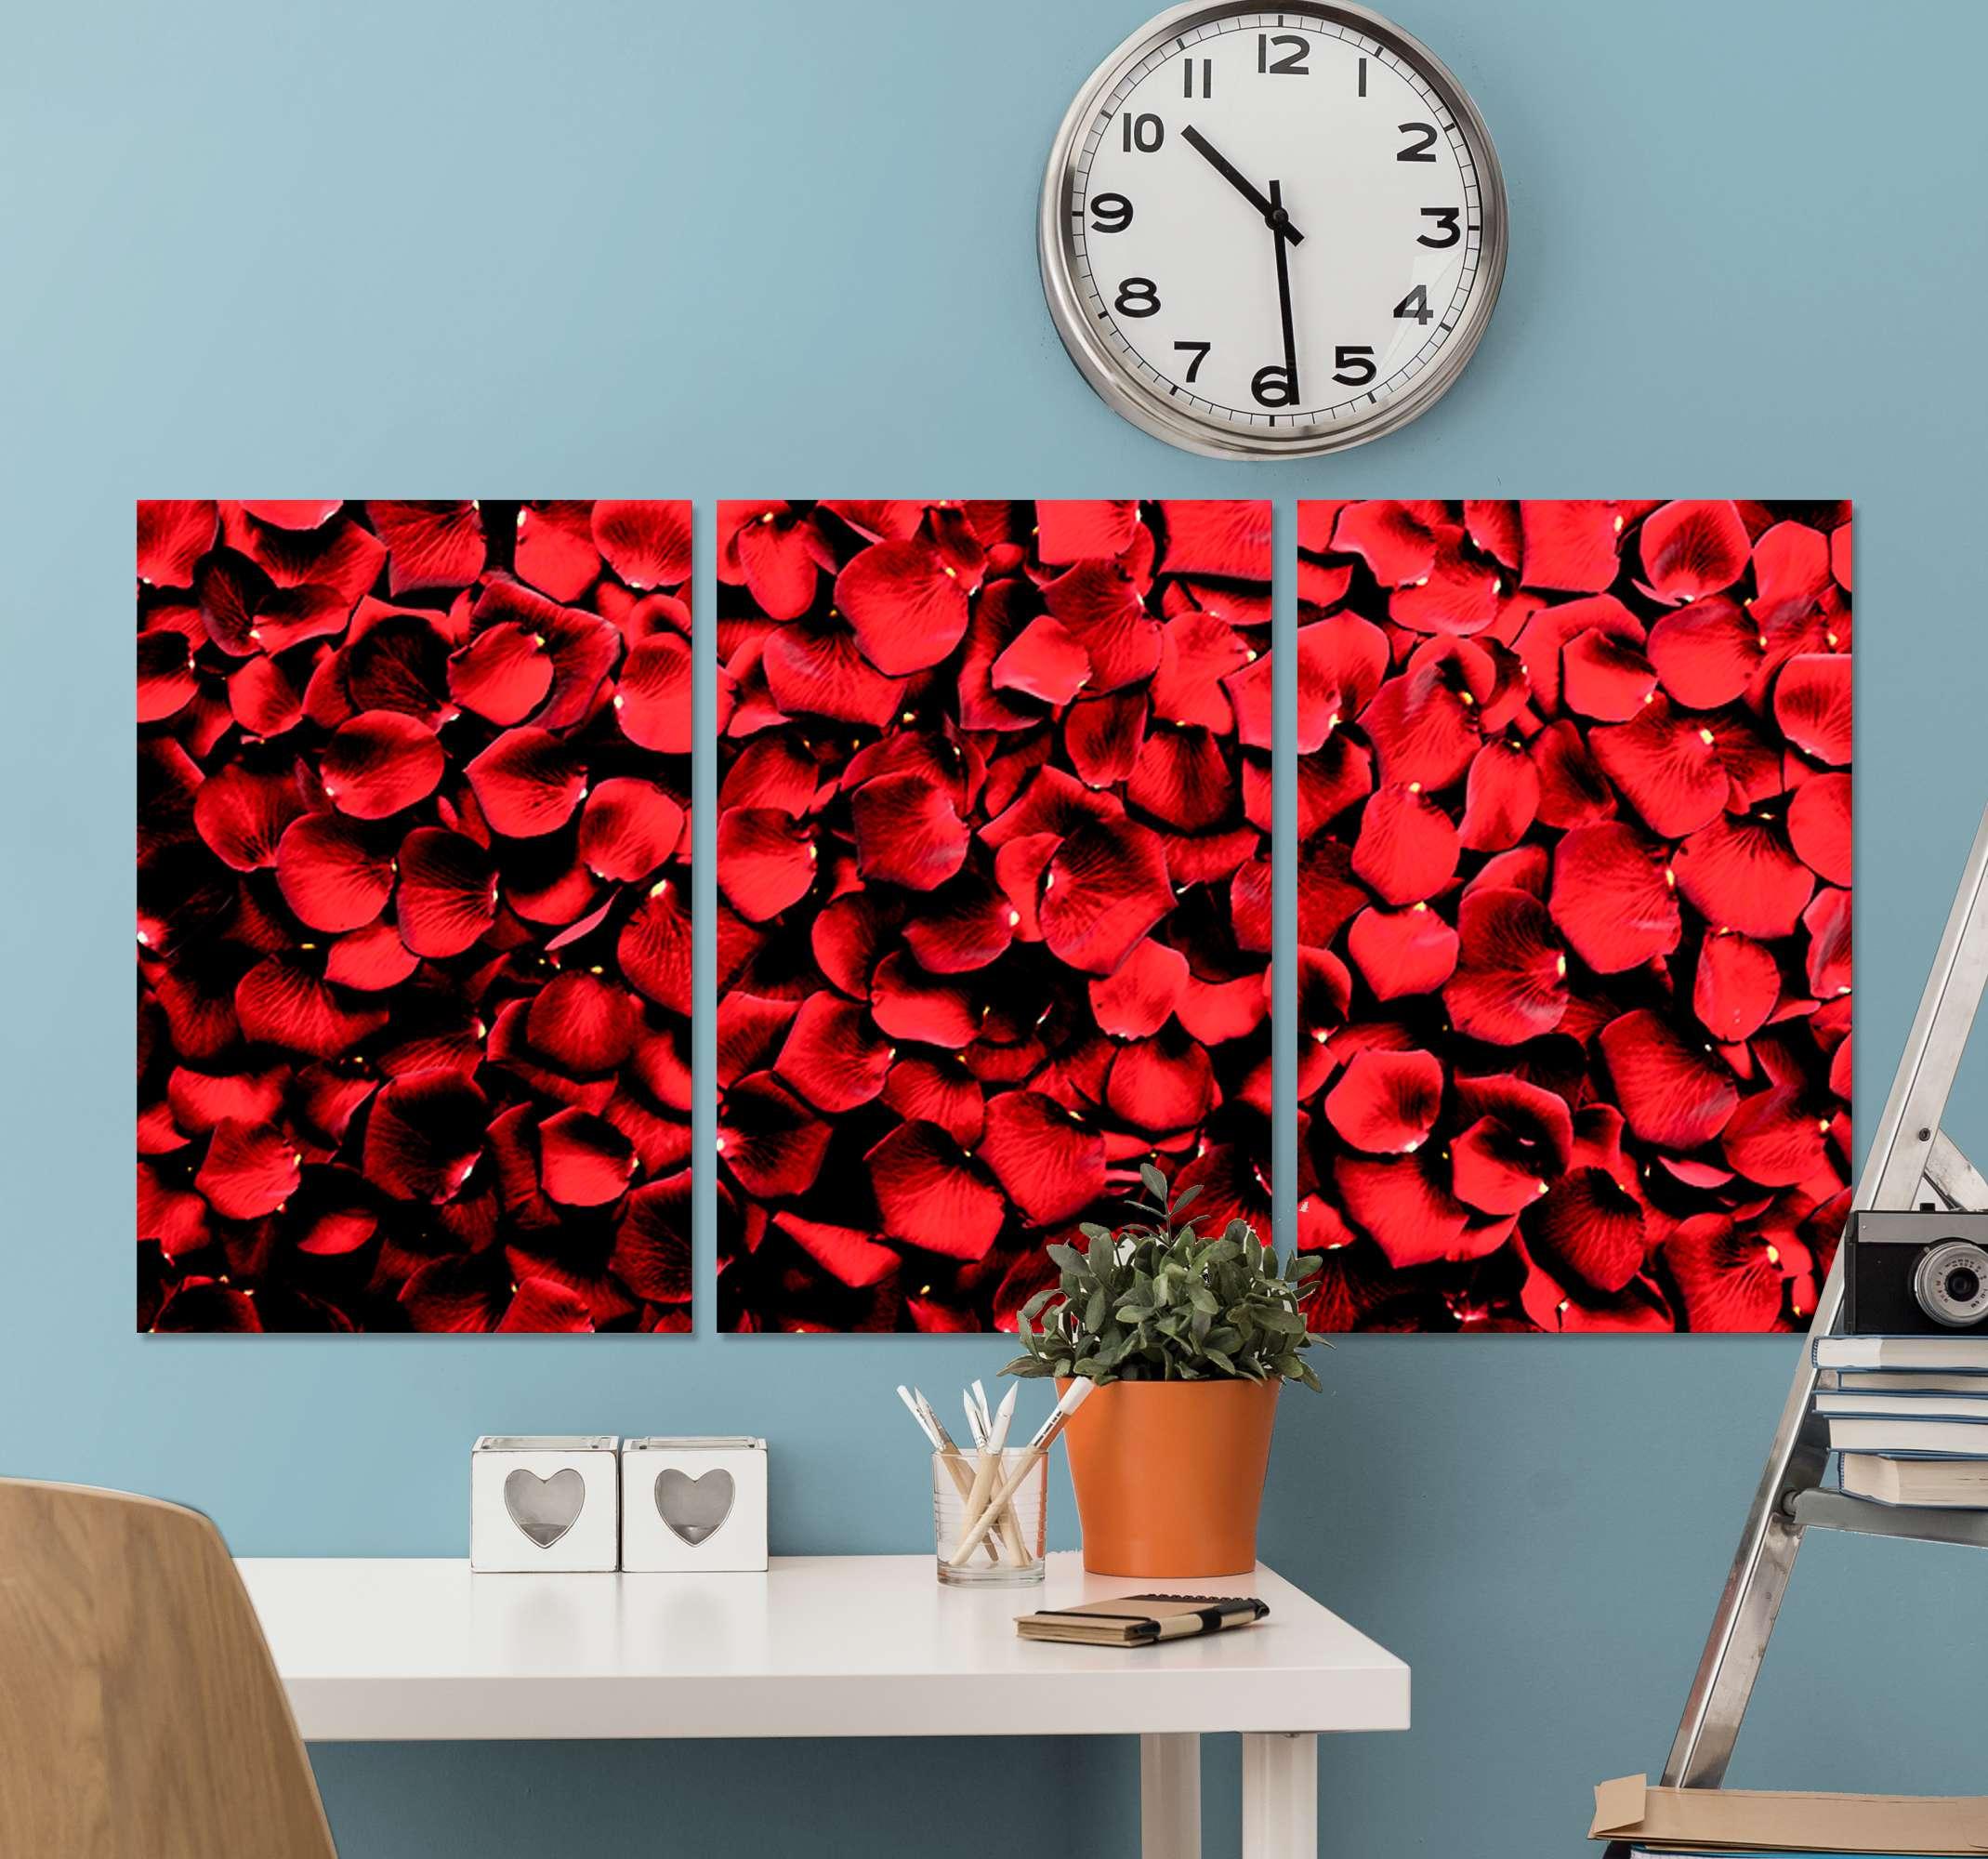 TenStickers. Røde rosenblade blomster lærred. Rosen lærredstryk, der indeholder et billede af en bunke rosenblade, der alle er farvet i en strålende nuance af rødt. Høj kvalitet.